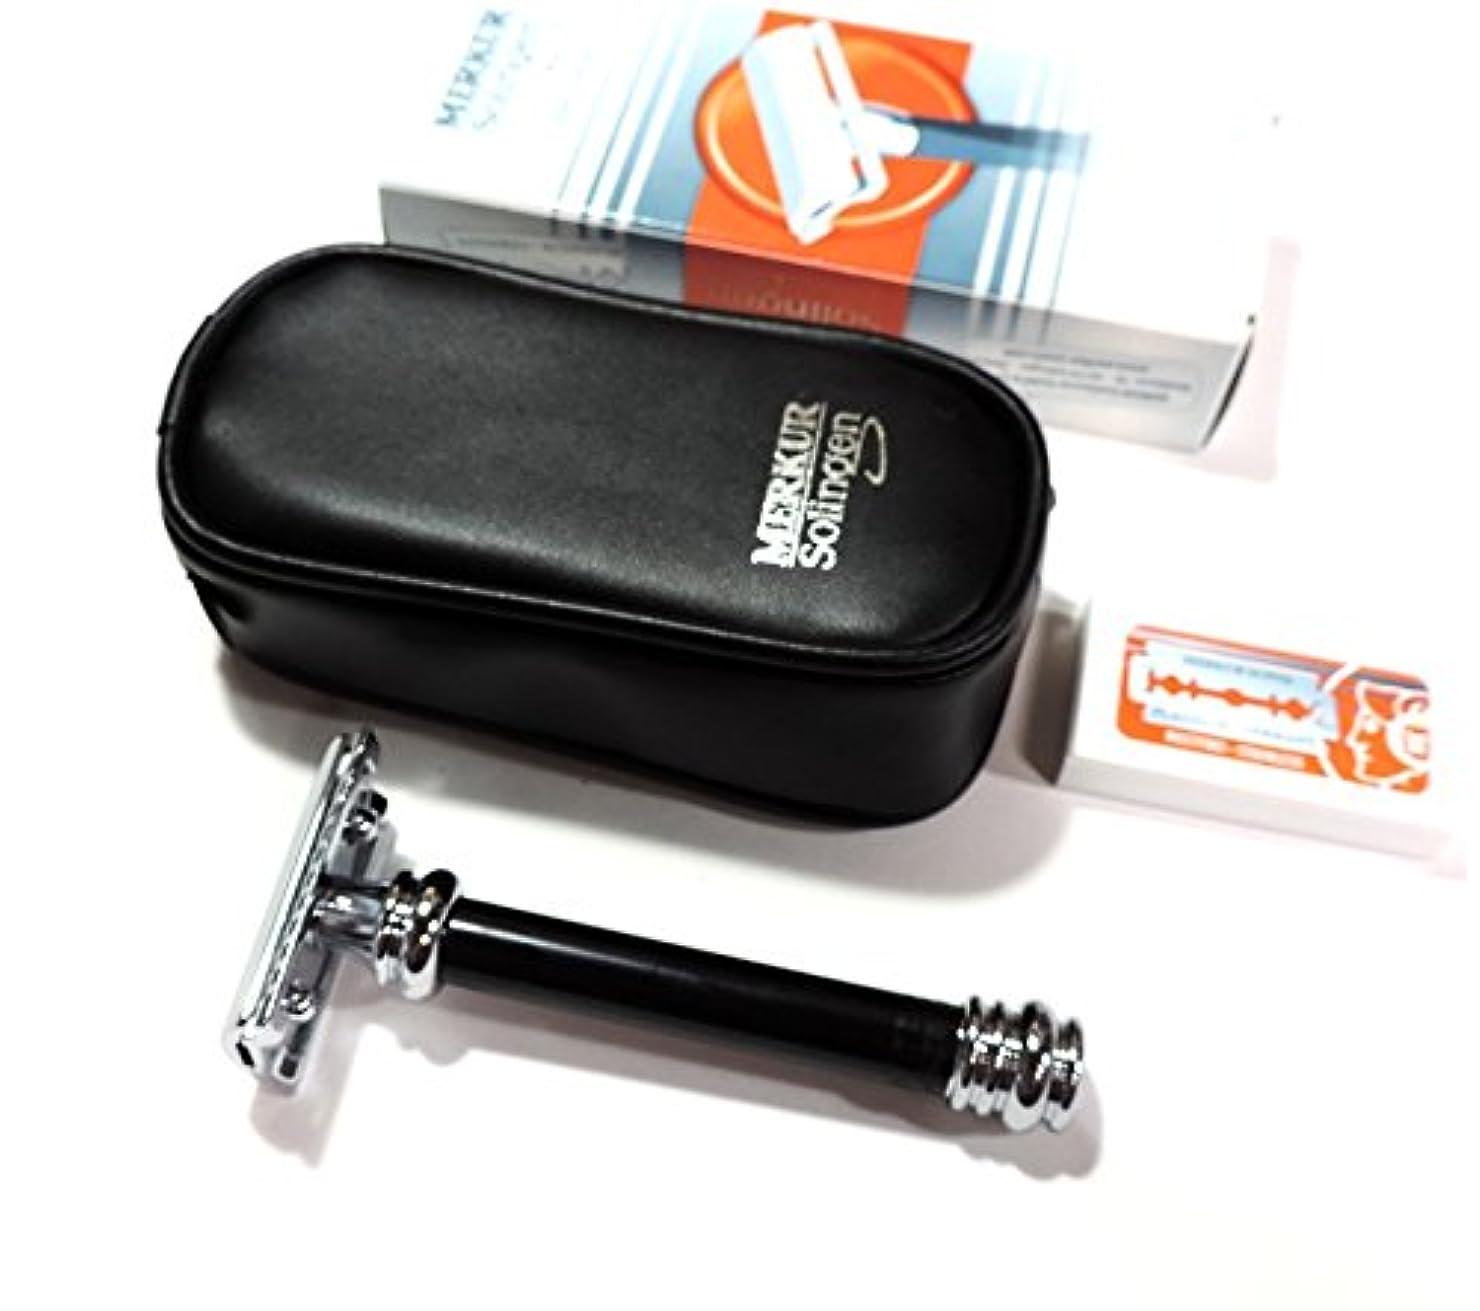 発明する縫うかまどゾーリンゲン メルクール髭剃り(ひげそり)両刃ホルダー38011 ブラックハンドル 革ポーチ付 替刃10枚付